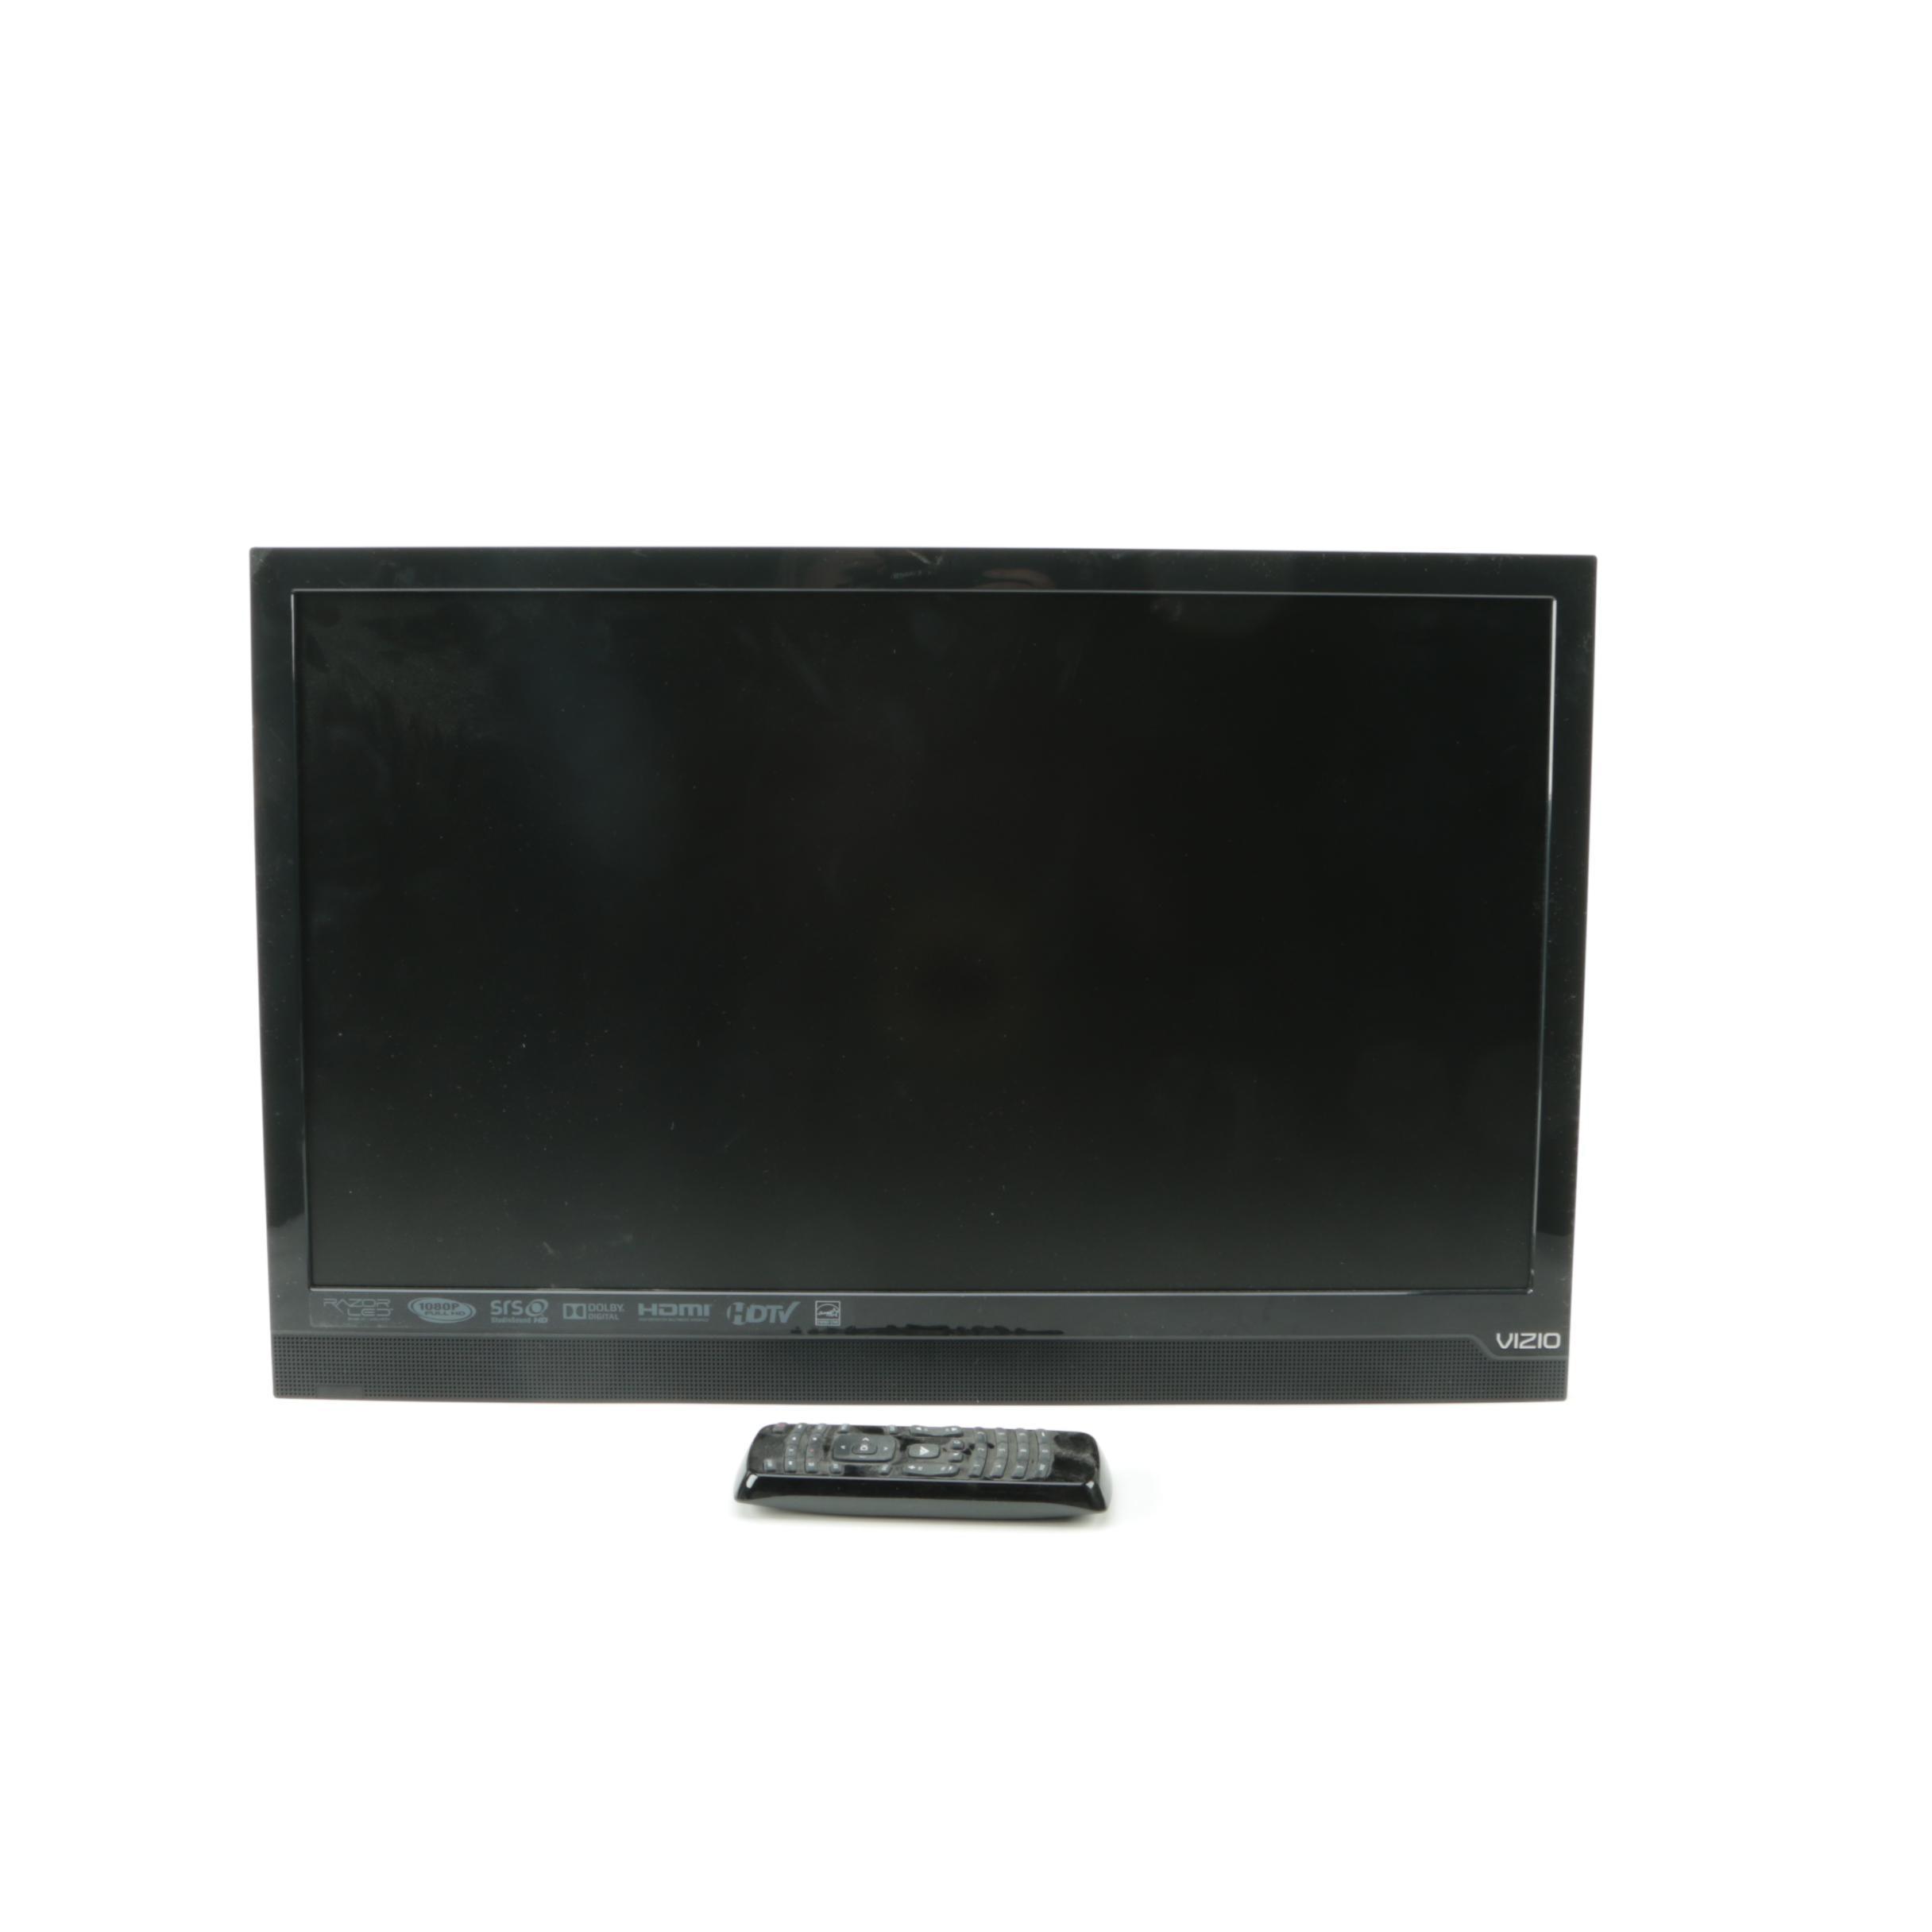 Vizio Smart TV with Remote Control